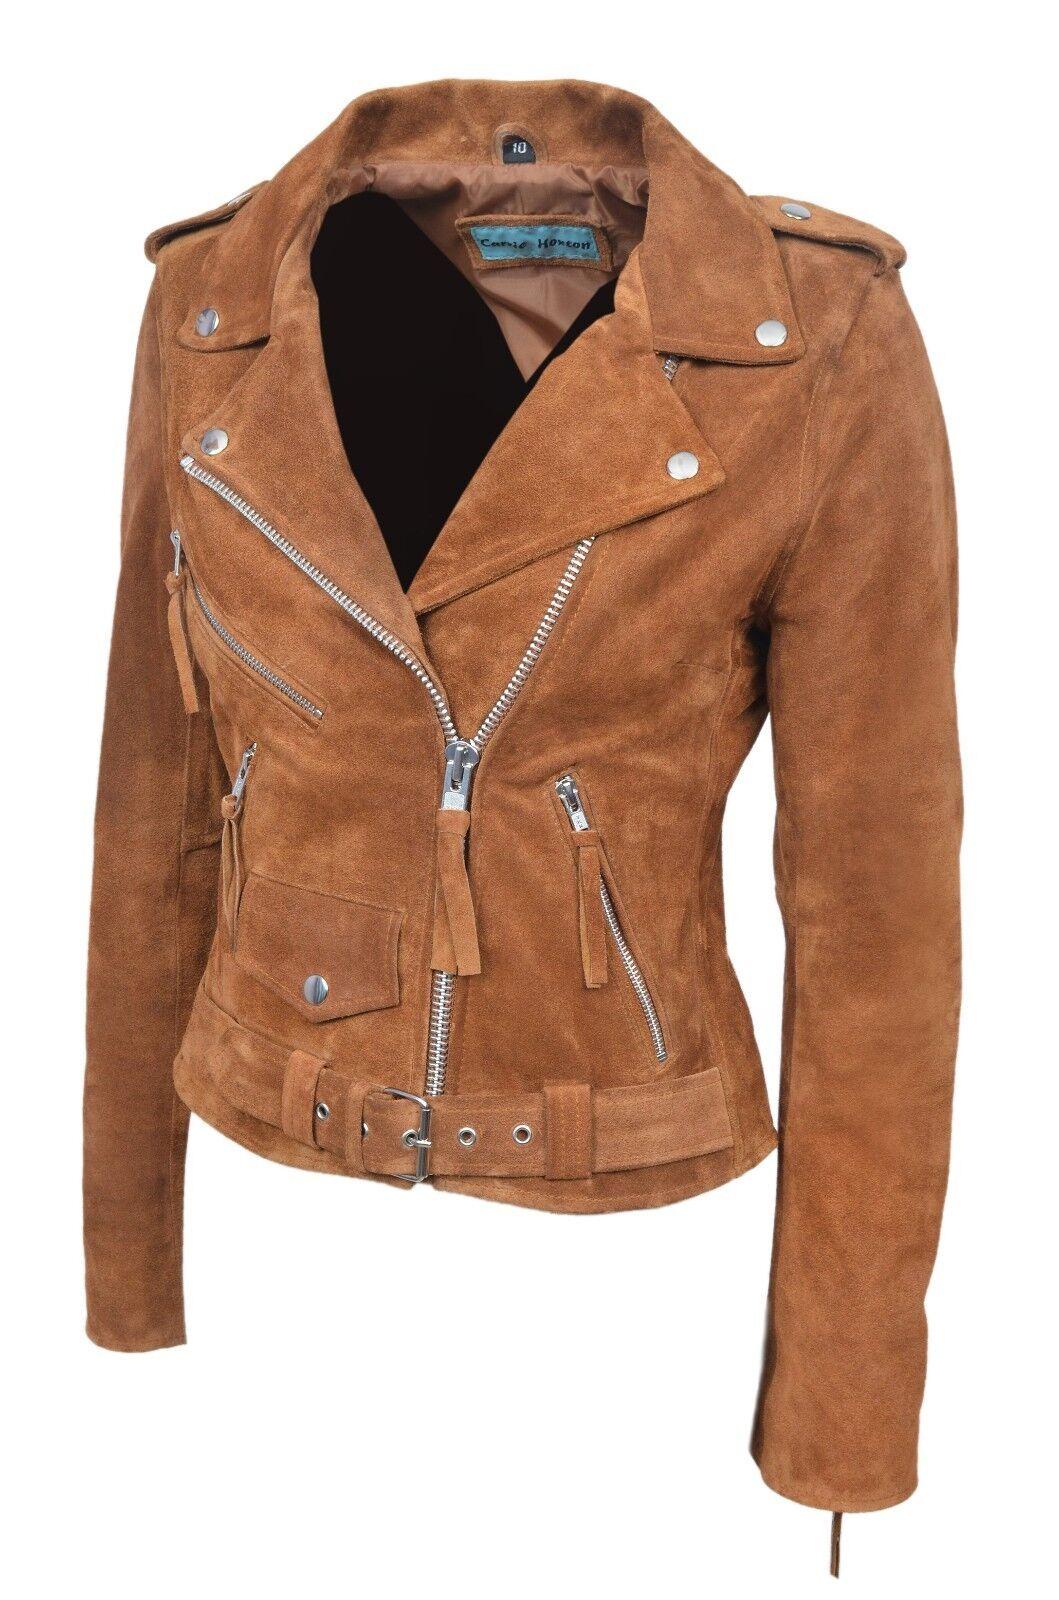 Nuevos elegantes  chaqueta de cuero Brando Damas Bronceado Cuero Gamuza Suave Estilo Motero  caliente